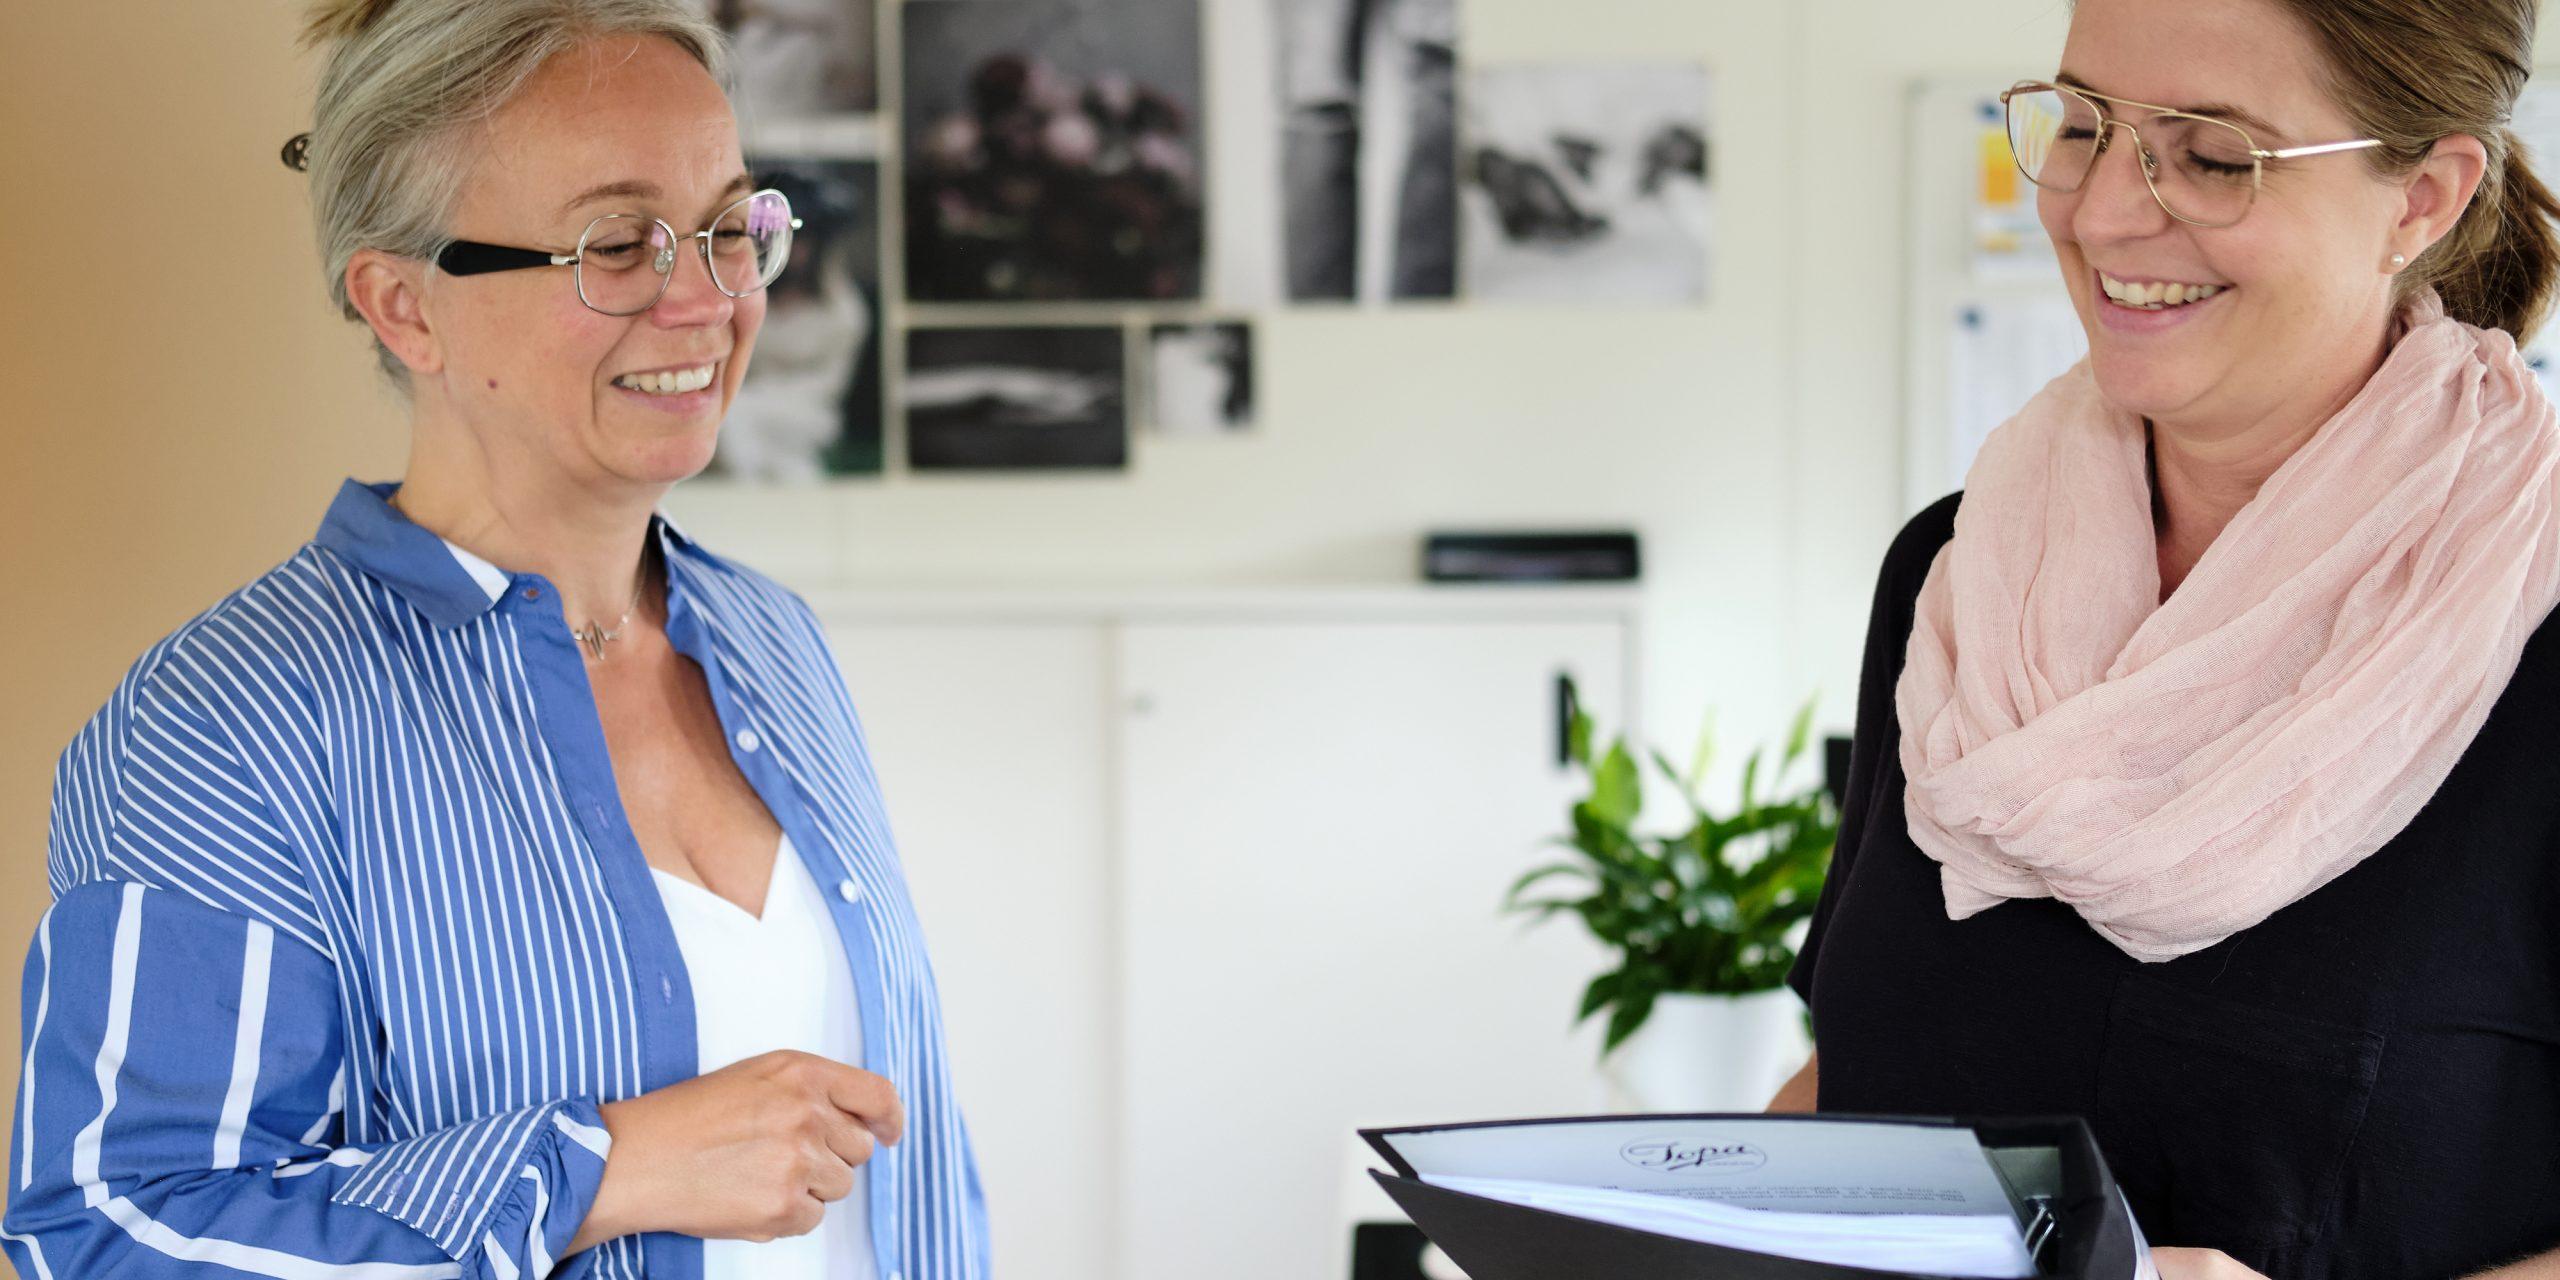 Innesäljare till Alf Pettersson AB